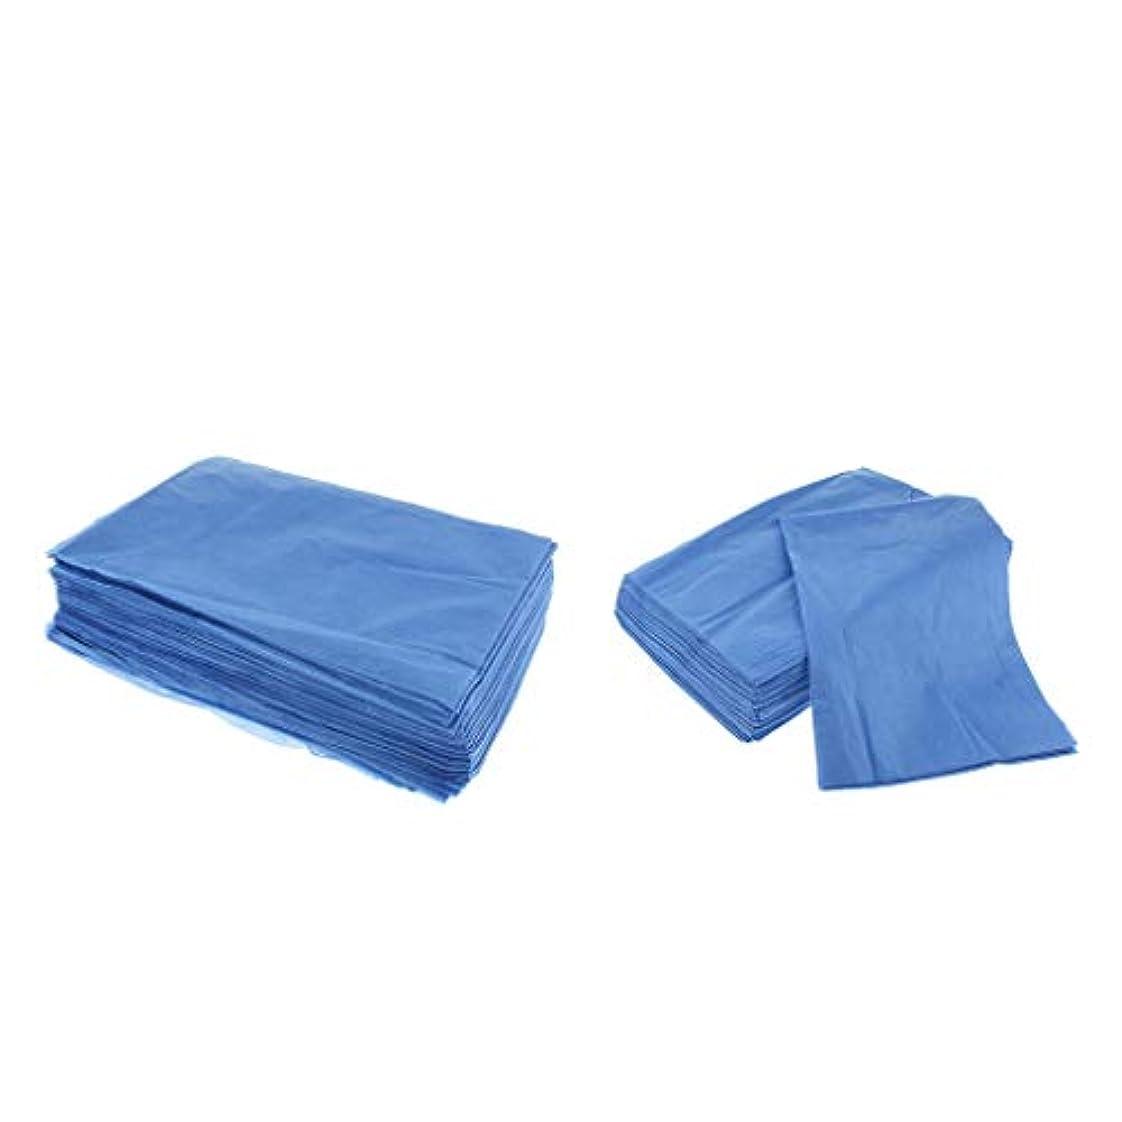 科学的荒涼とした放映Hellery 40ピース/枚/個/枚のパック、失禁用不織布使い捨てシーツ紙、マッサージテーブルシート、フェイシャルビューティー